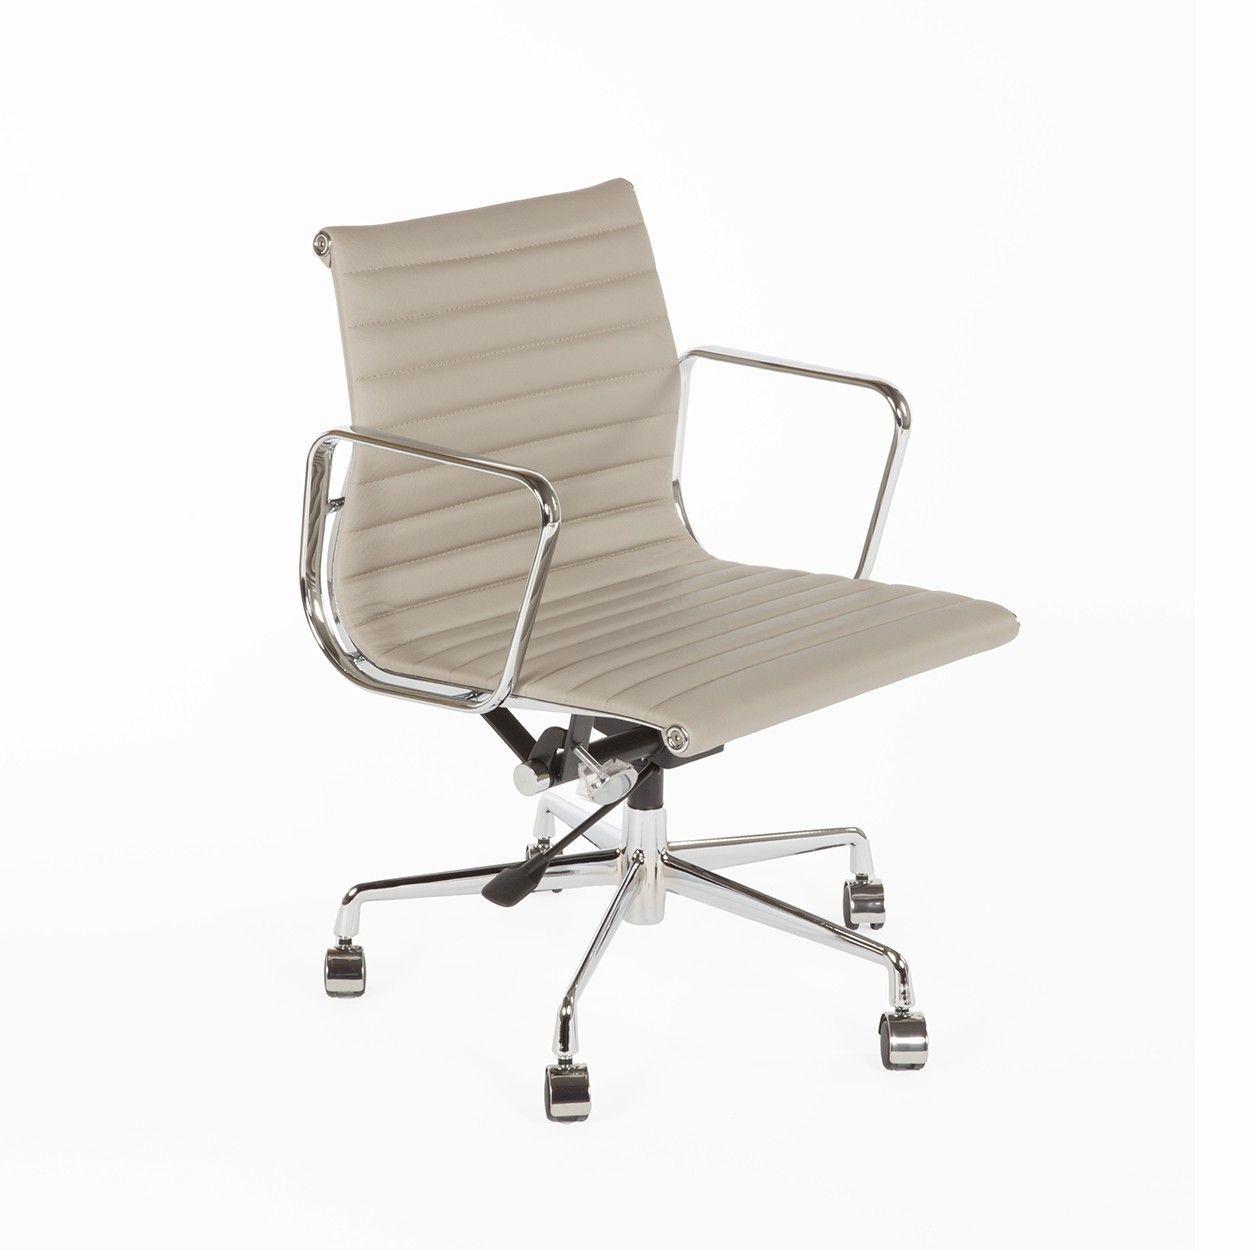 Erkunde Moderne Bürostühle, Moderne Büros Und Noch Mehr!